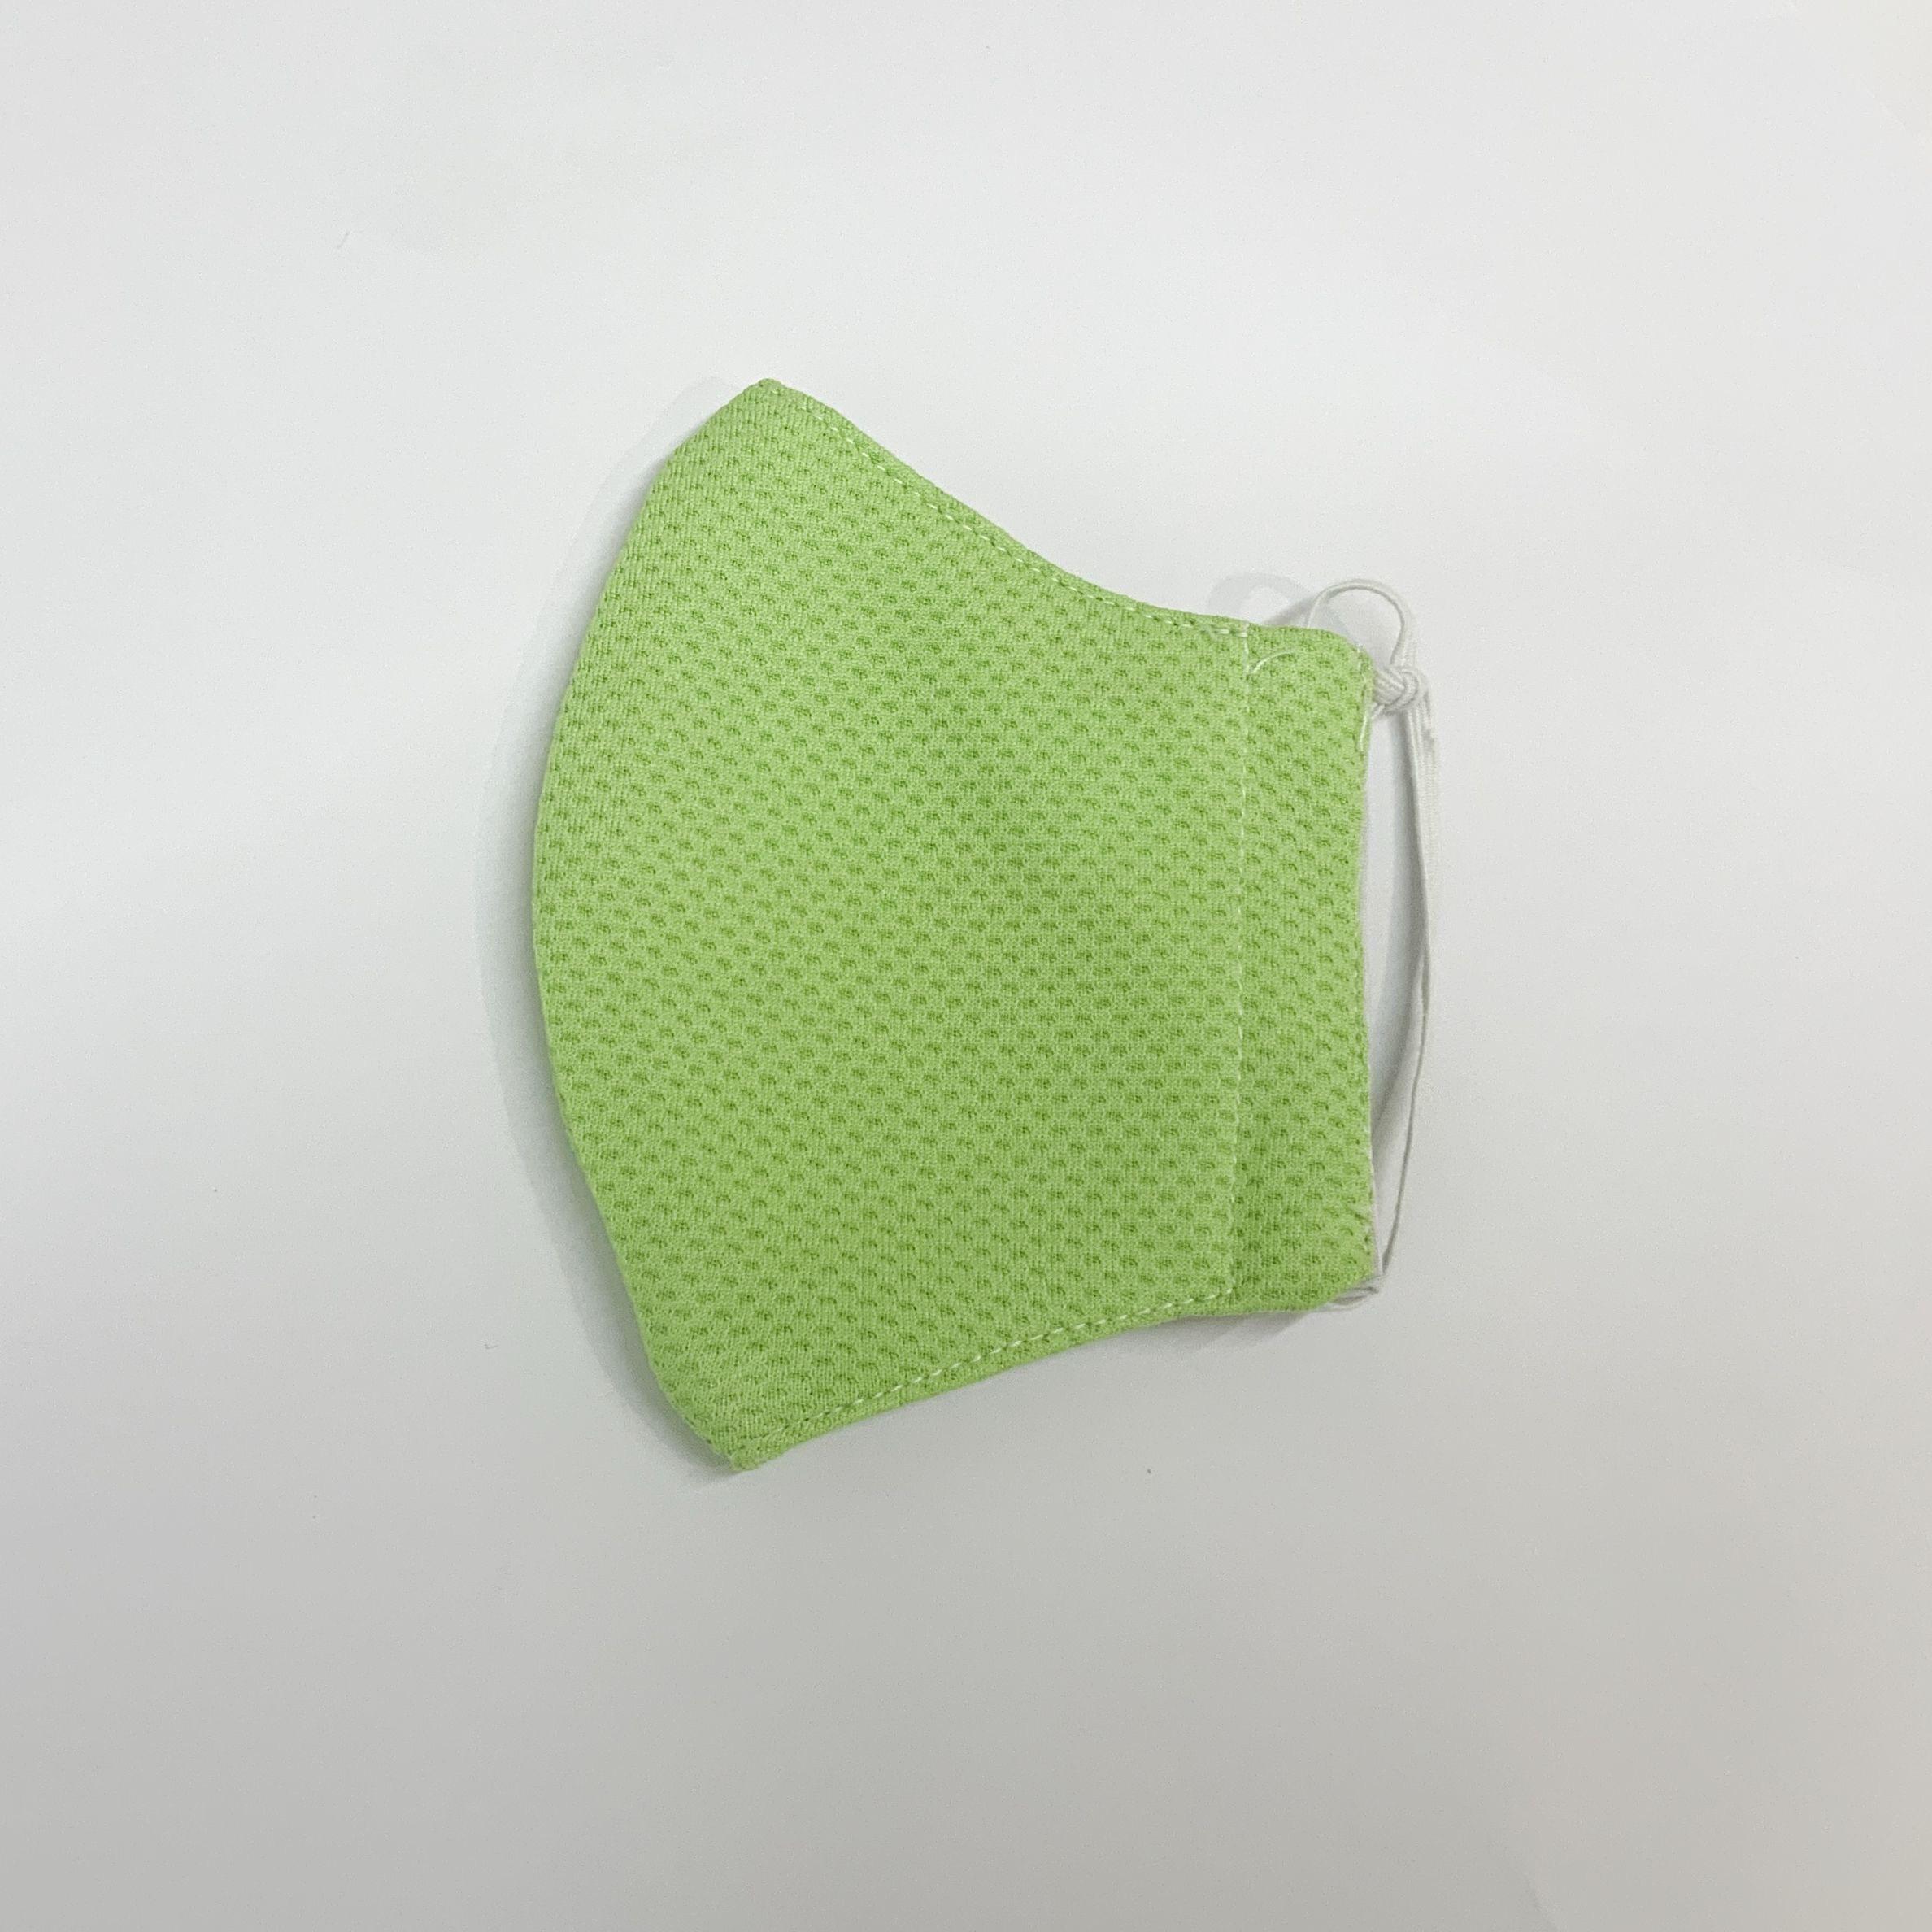 手作りマスク(緑)Mサイズ